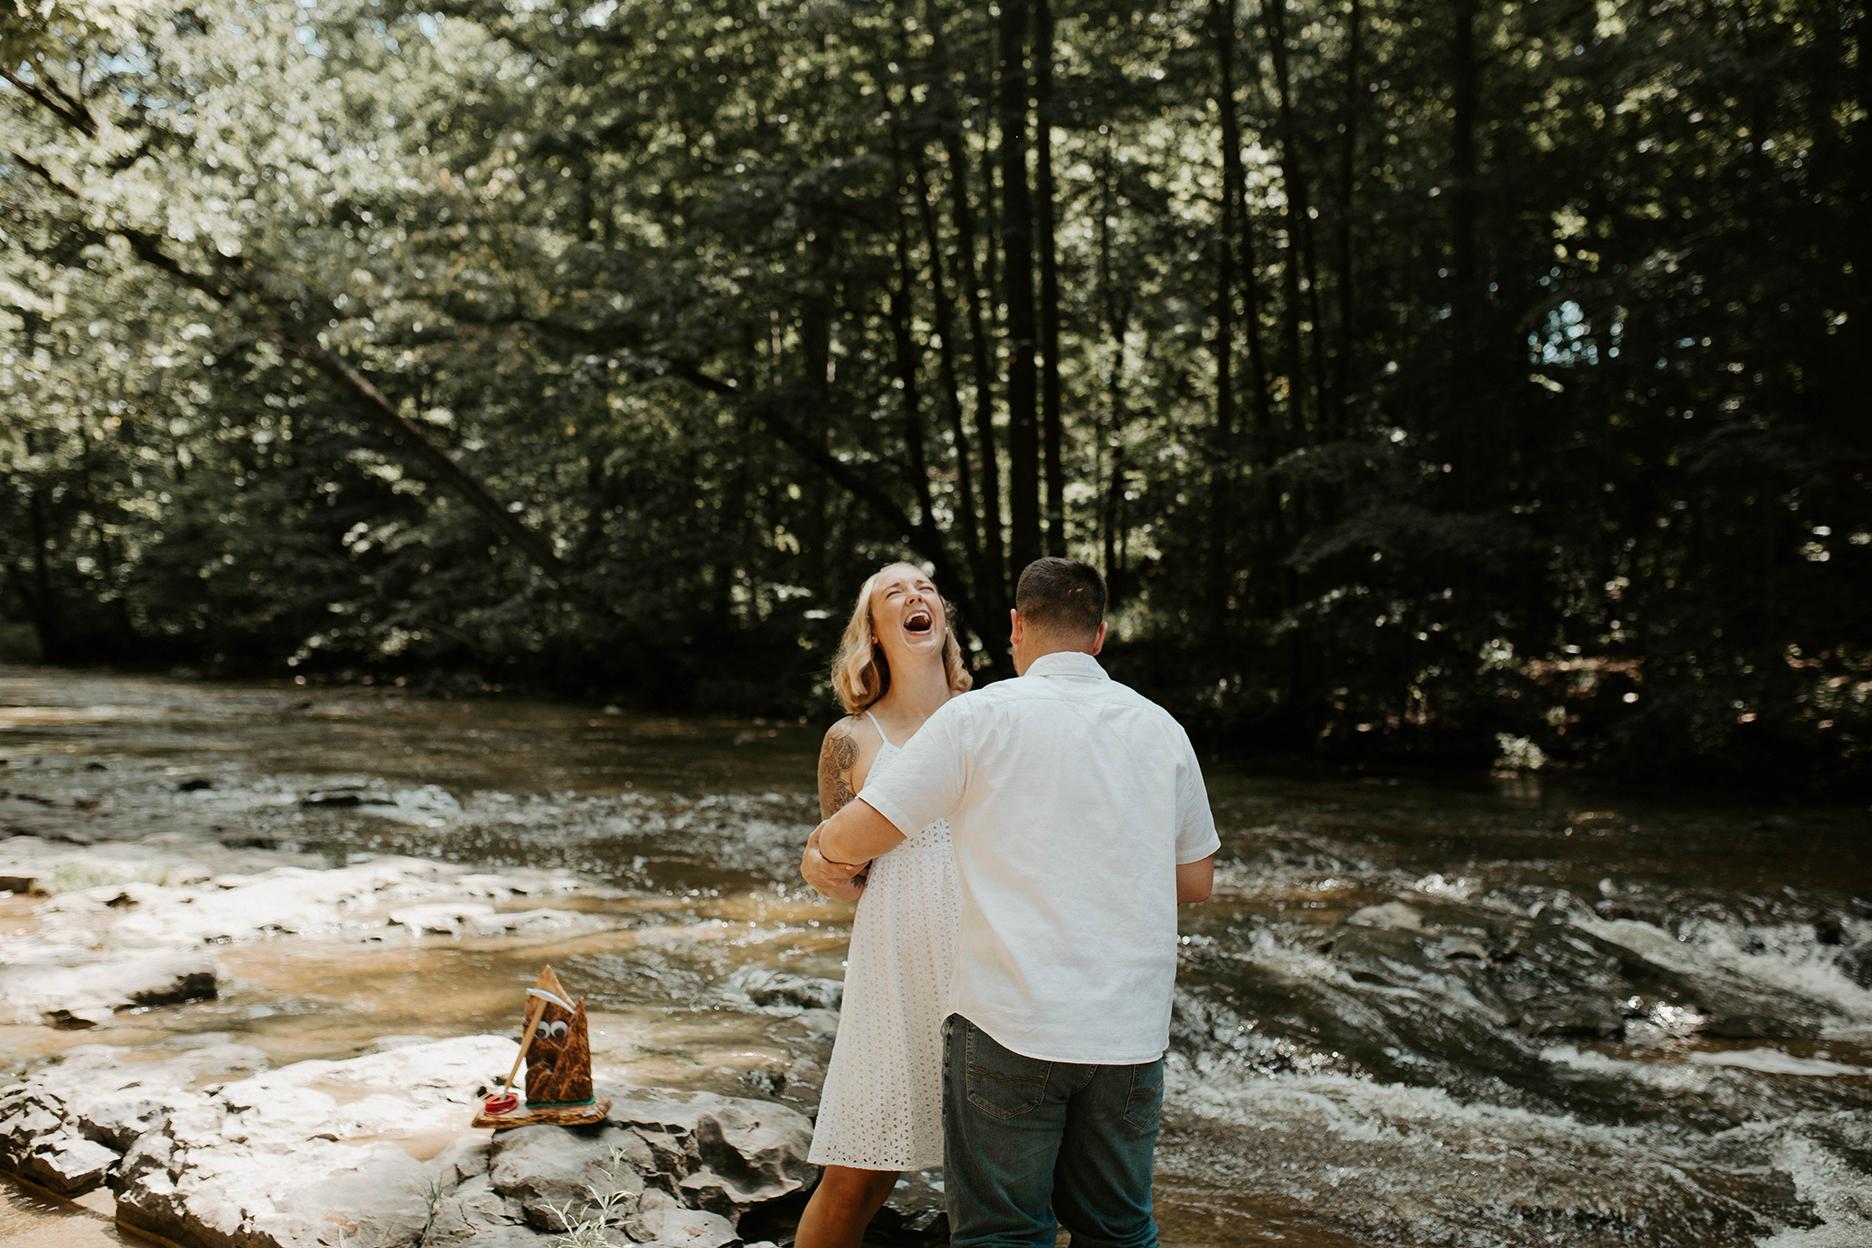 Hannah+AnthonyEngaged-39.jpg